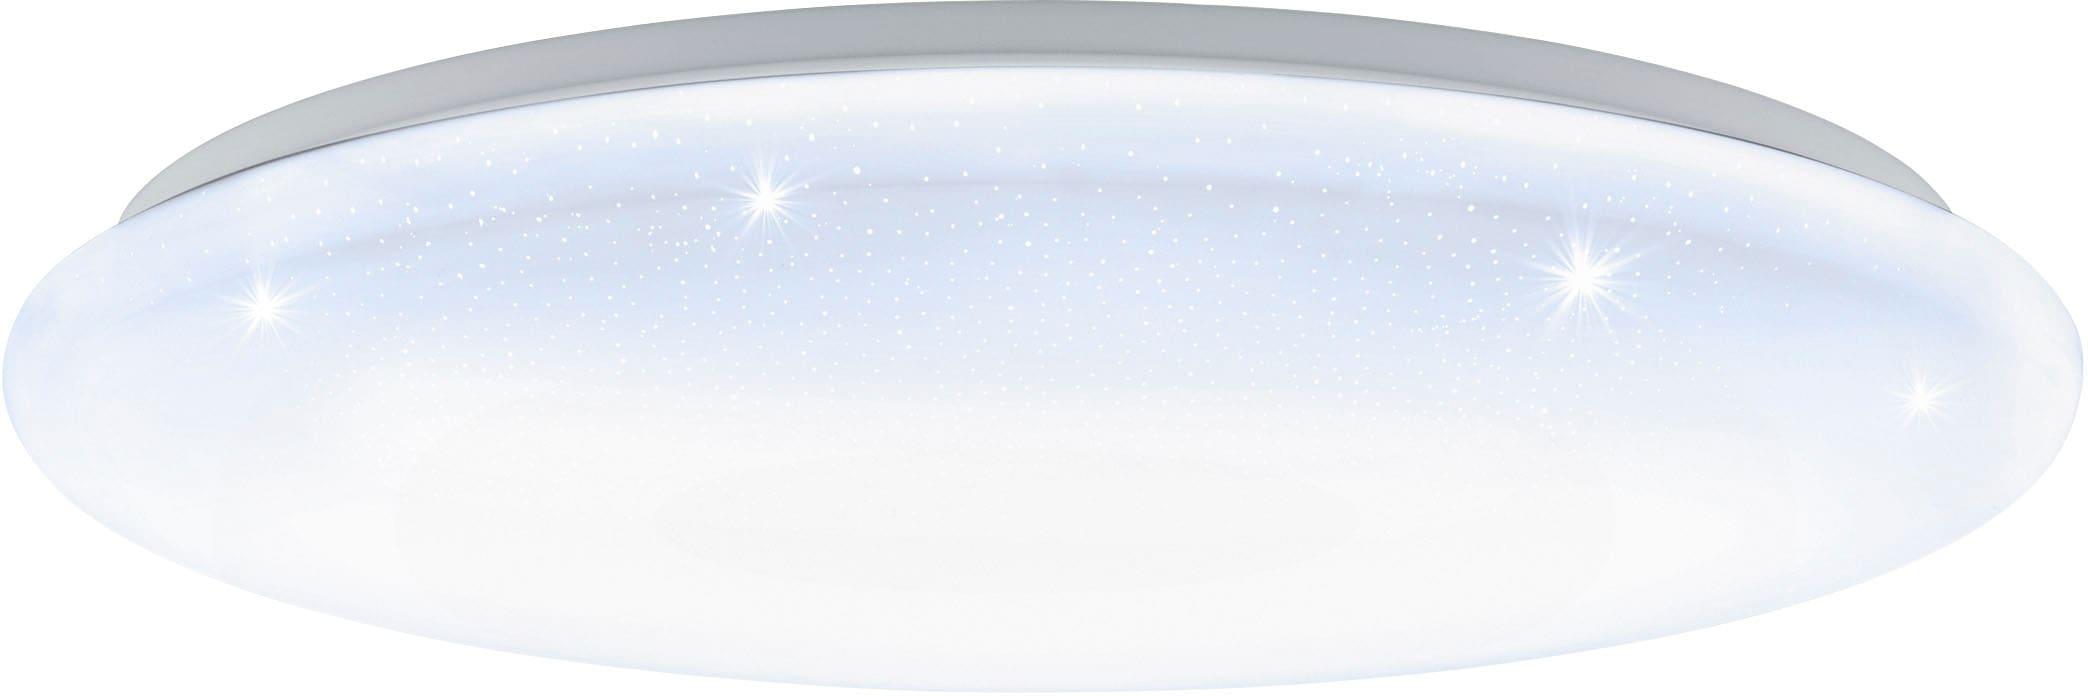 EGLO LED Deckenleuchte GIRON-S, LED-Board, Extra-Warmweiß-Kaltweiß-Neutralweiß-Tageslichtweiß-Warmweiß, Steuerung über Fernbedienung, Timer